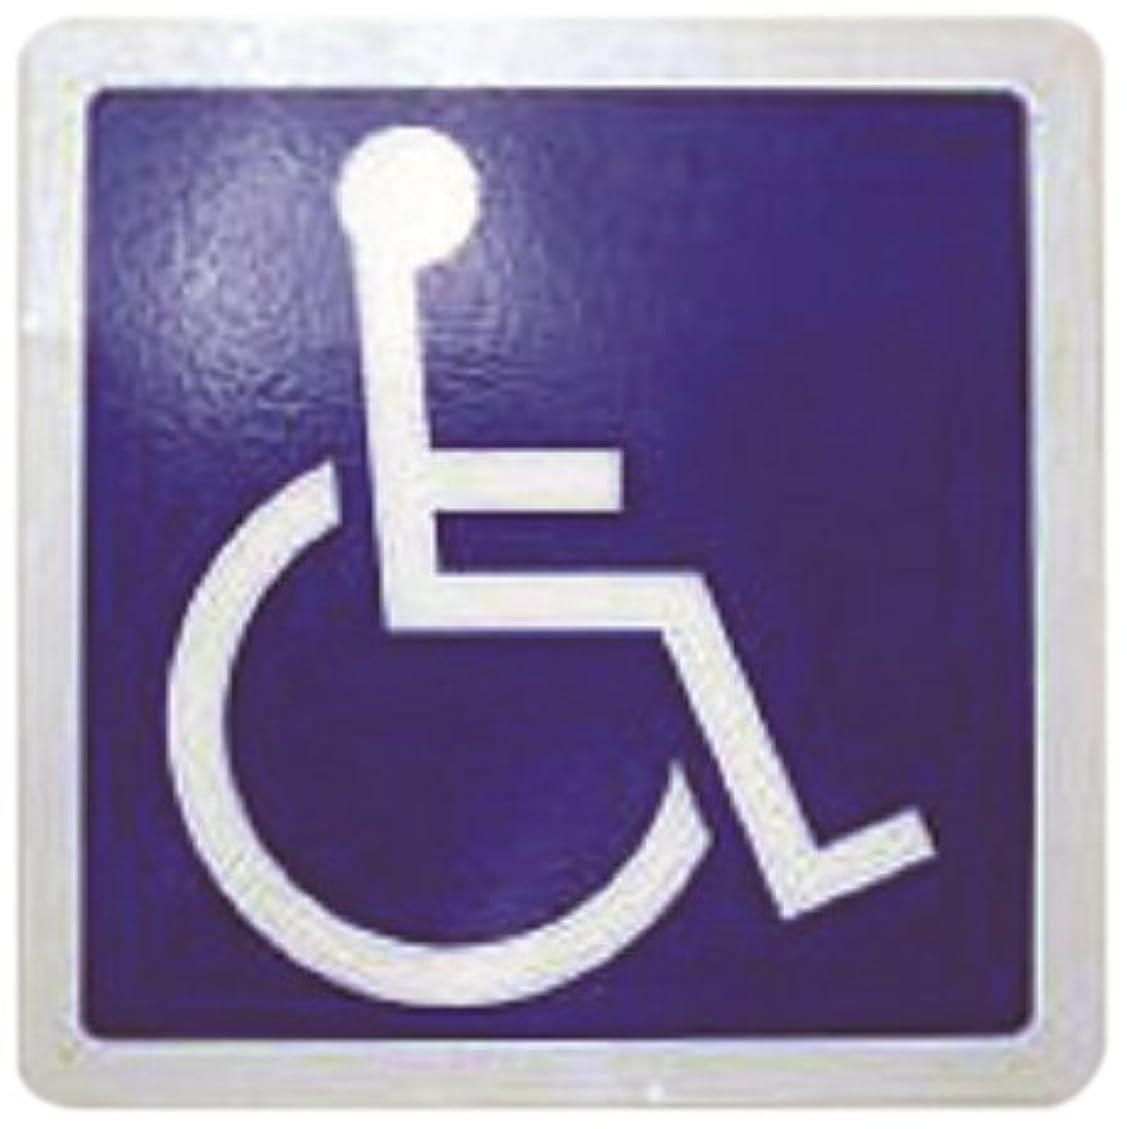 ムスゼロアラバマフジホーム車用安心マーク 車椅子マーク マグネットタイプ